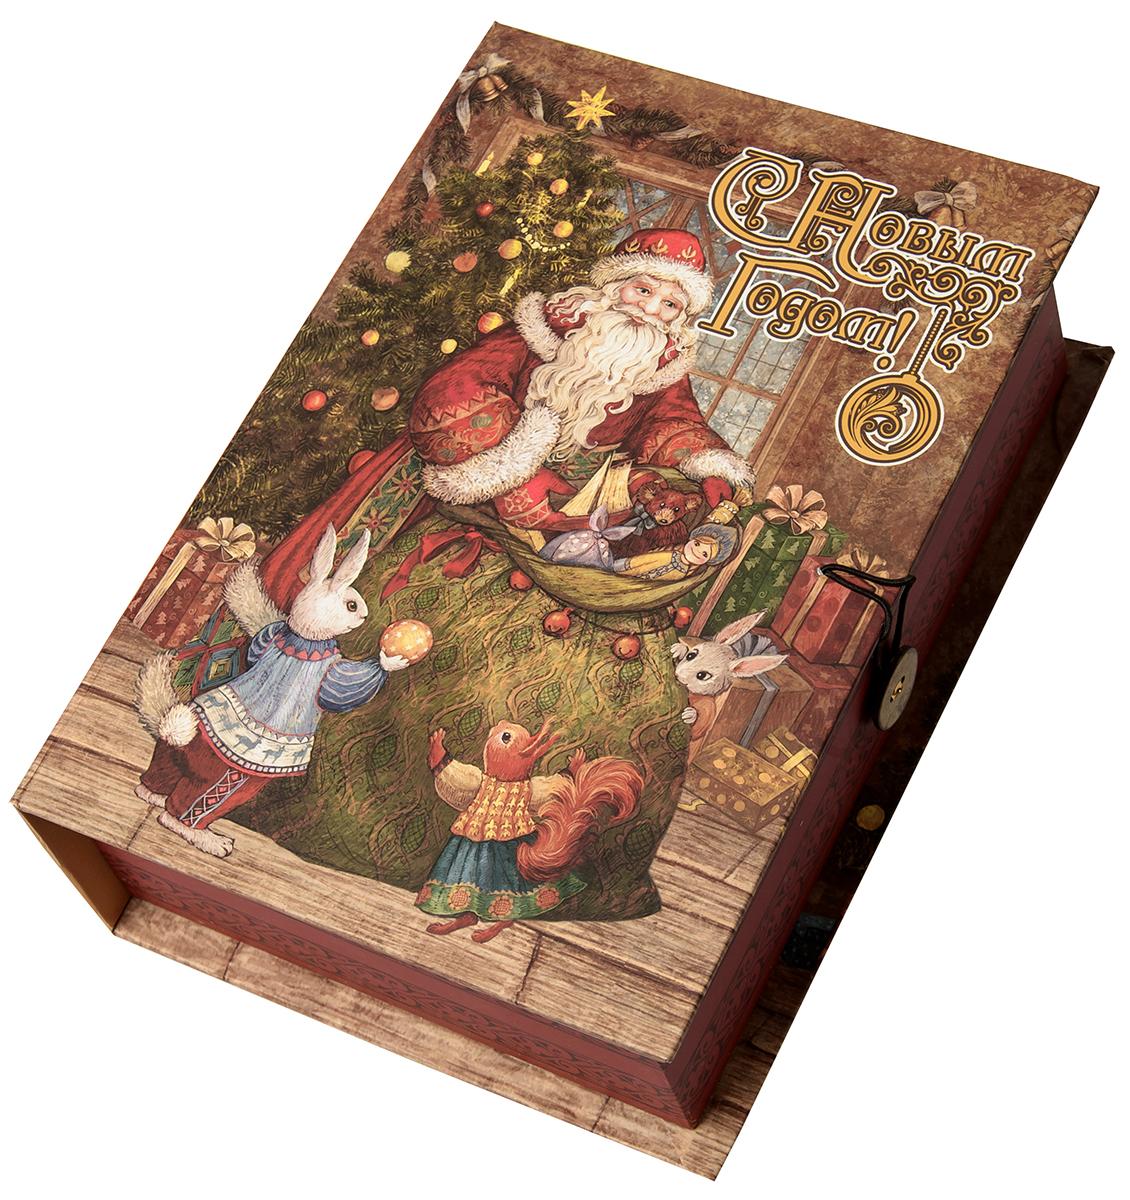 Коробка подарочная Magic Time Мешок с подарками, размер S. 7504875048Подарочная коробка Magic Time, выполненная из мелованного, ламинированного картона, закрывается на пуговицу. Крышка оформлена декоративным рисунком.Подарочная коробка - это наилучшее решение, если вы хотите порадовать ваших близких и создать праздничное настроение, ведь подарок, преподнесенный в оригинальной упаковке, всегда будет самым эффектным и запоминающимся. Окружите близких людей вниманием и заботой, вручив презент в нарядном, праздничном оформлении.Плотность картона: 1100 г/м2.